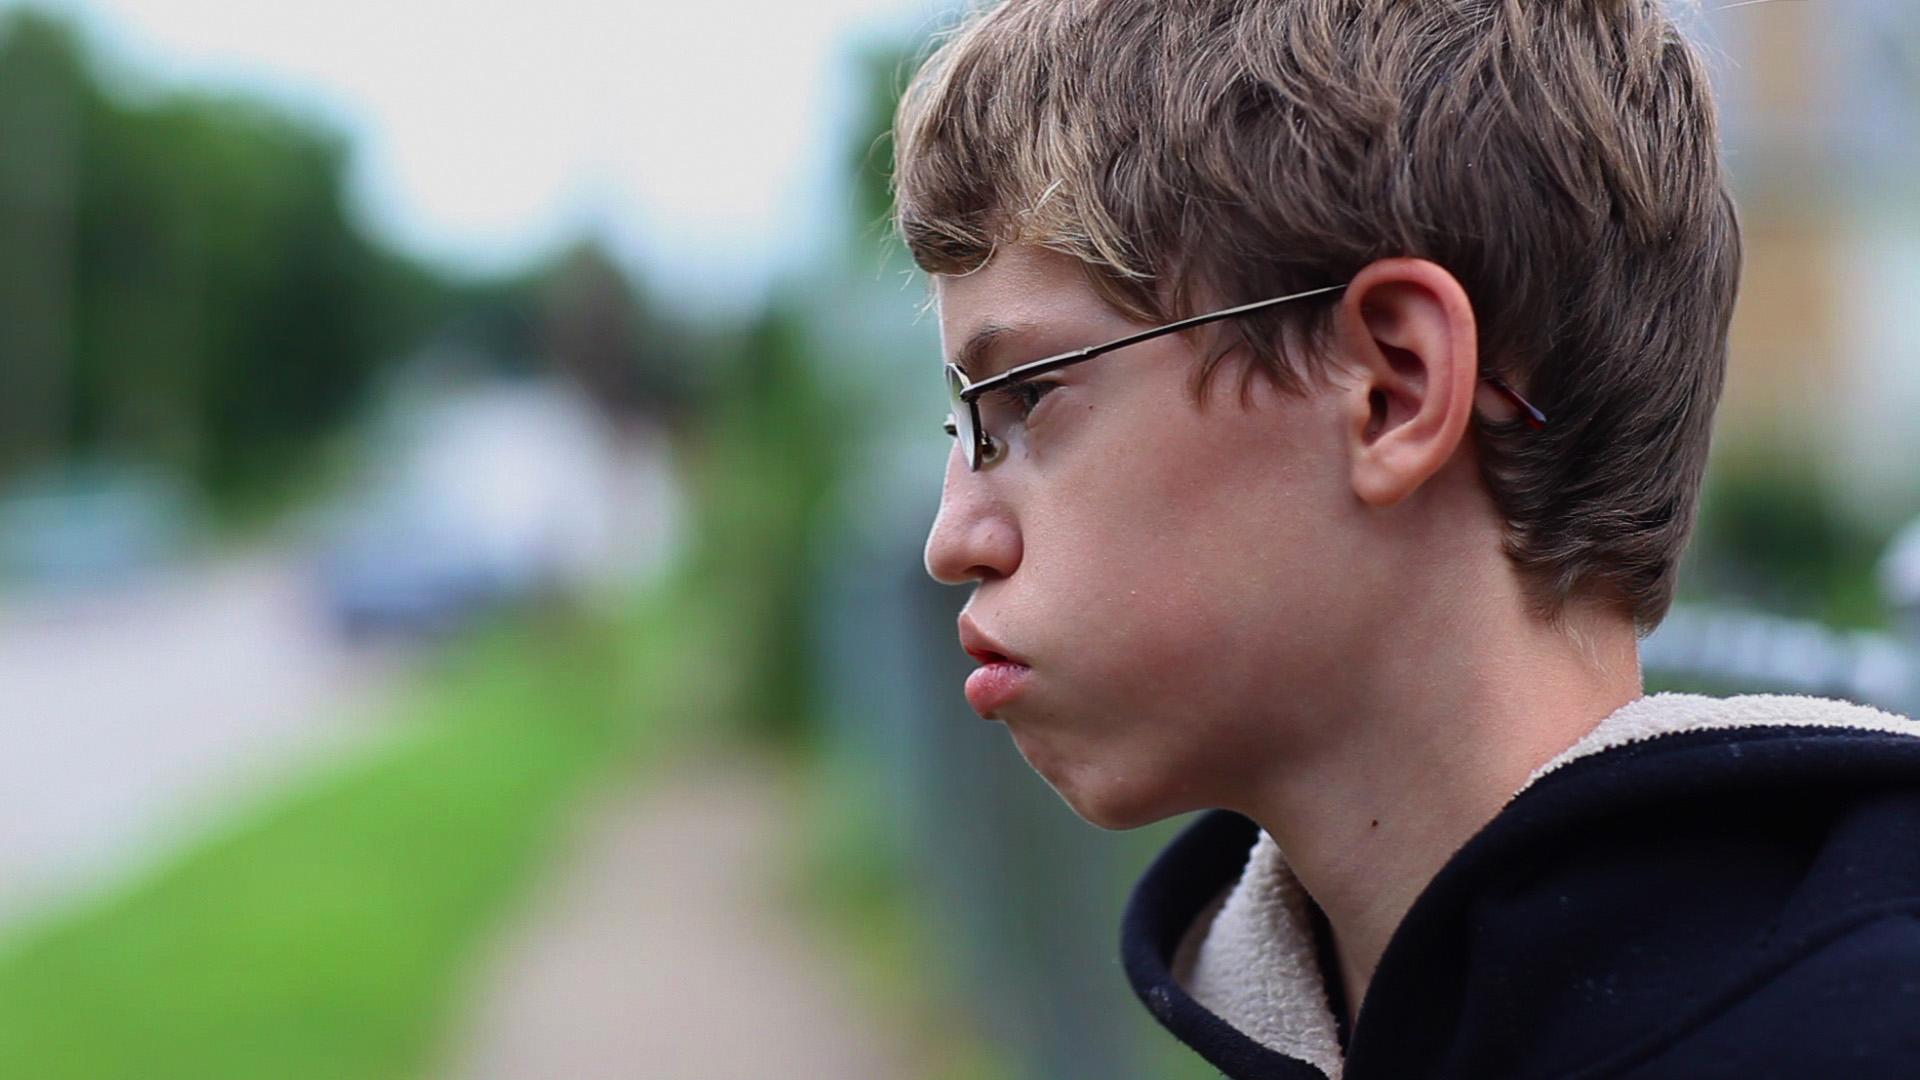 Bully « NRK Filmpolitiet - alt om film, spill og tv-serier